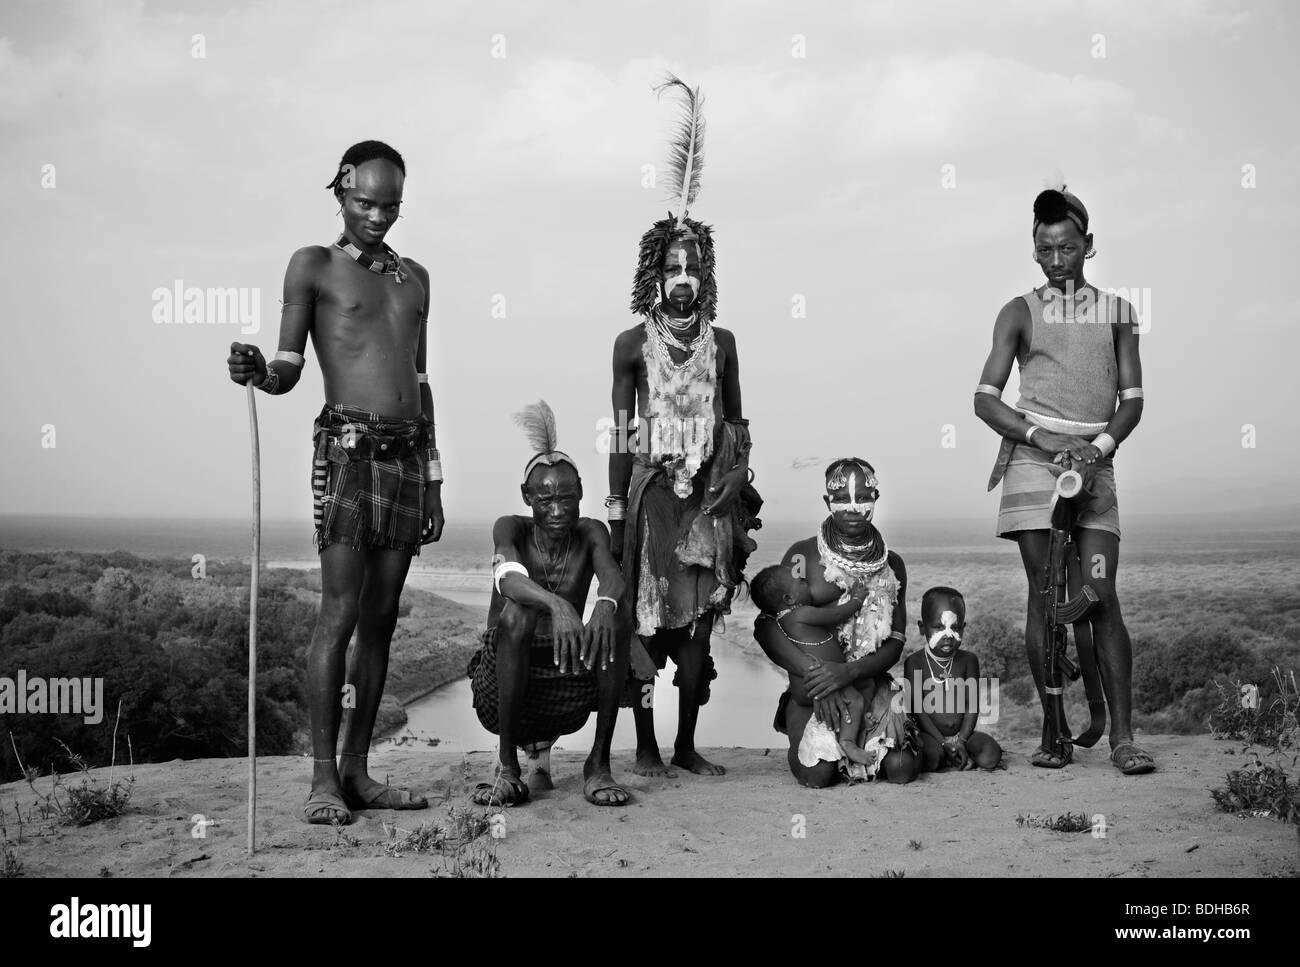 Eine Gruppe von Menschen-Männer, Frauen und Kinder in traditioneller Kleidung gekleidet und geschmückt in traditioneller Stockfoto